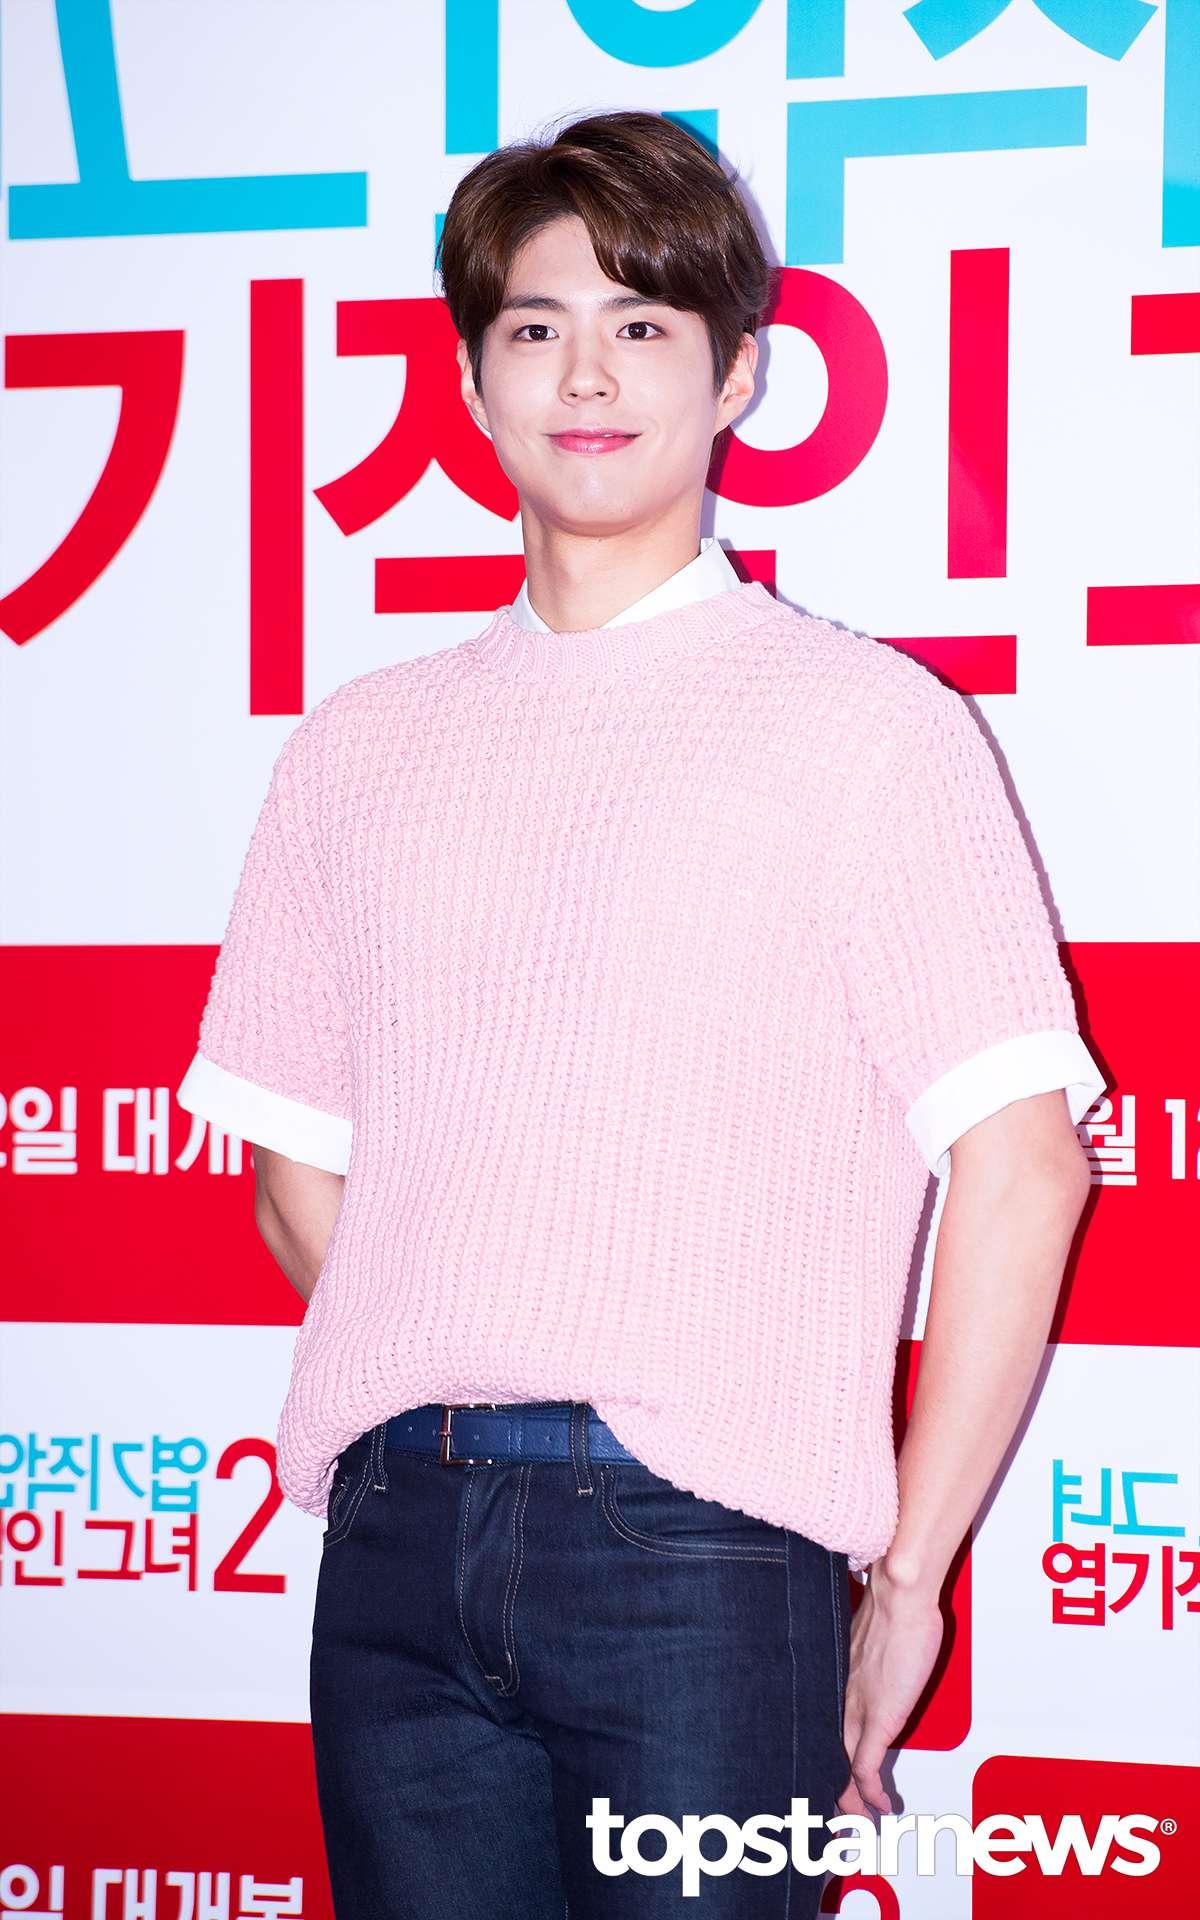 他怎麼可以連女生也超難駕馭的粉紅色毛衣都穿得那麼好看!!